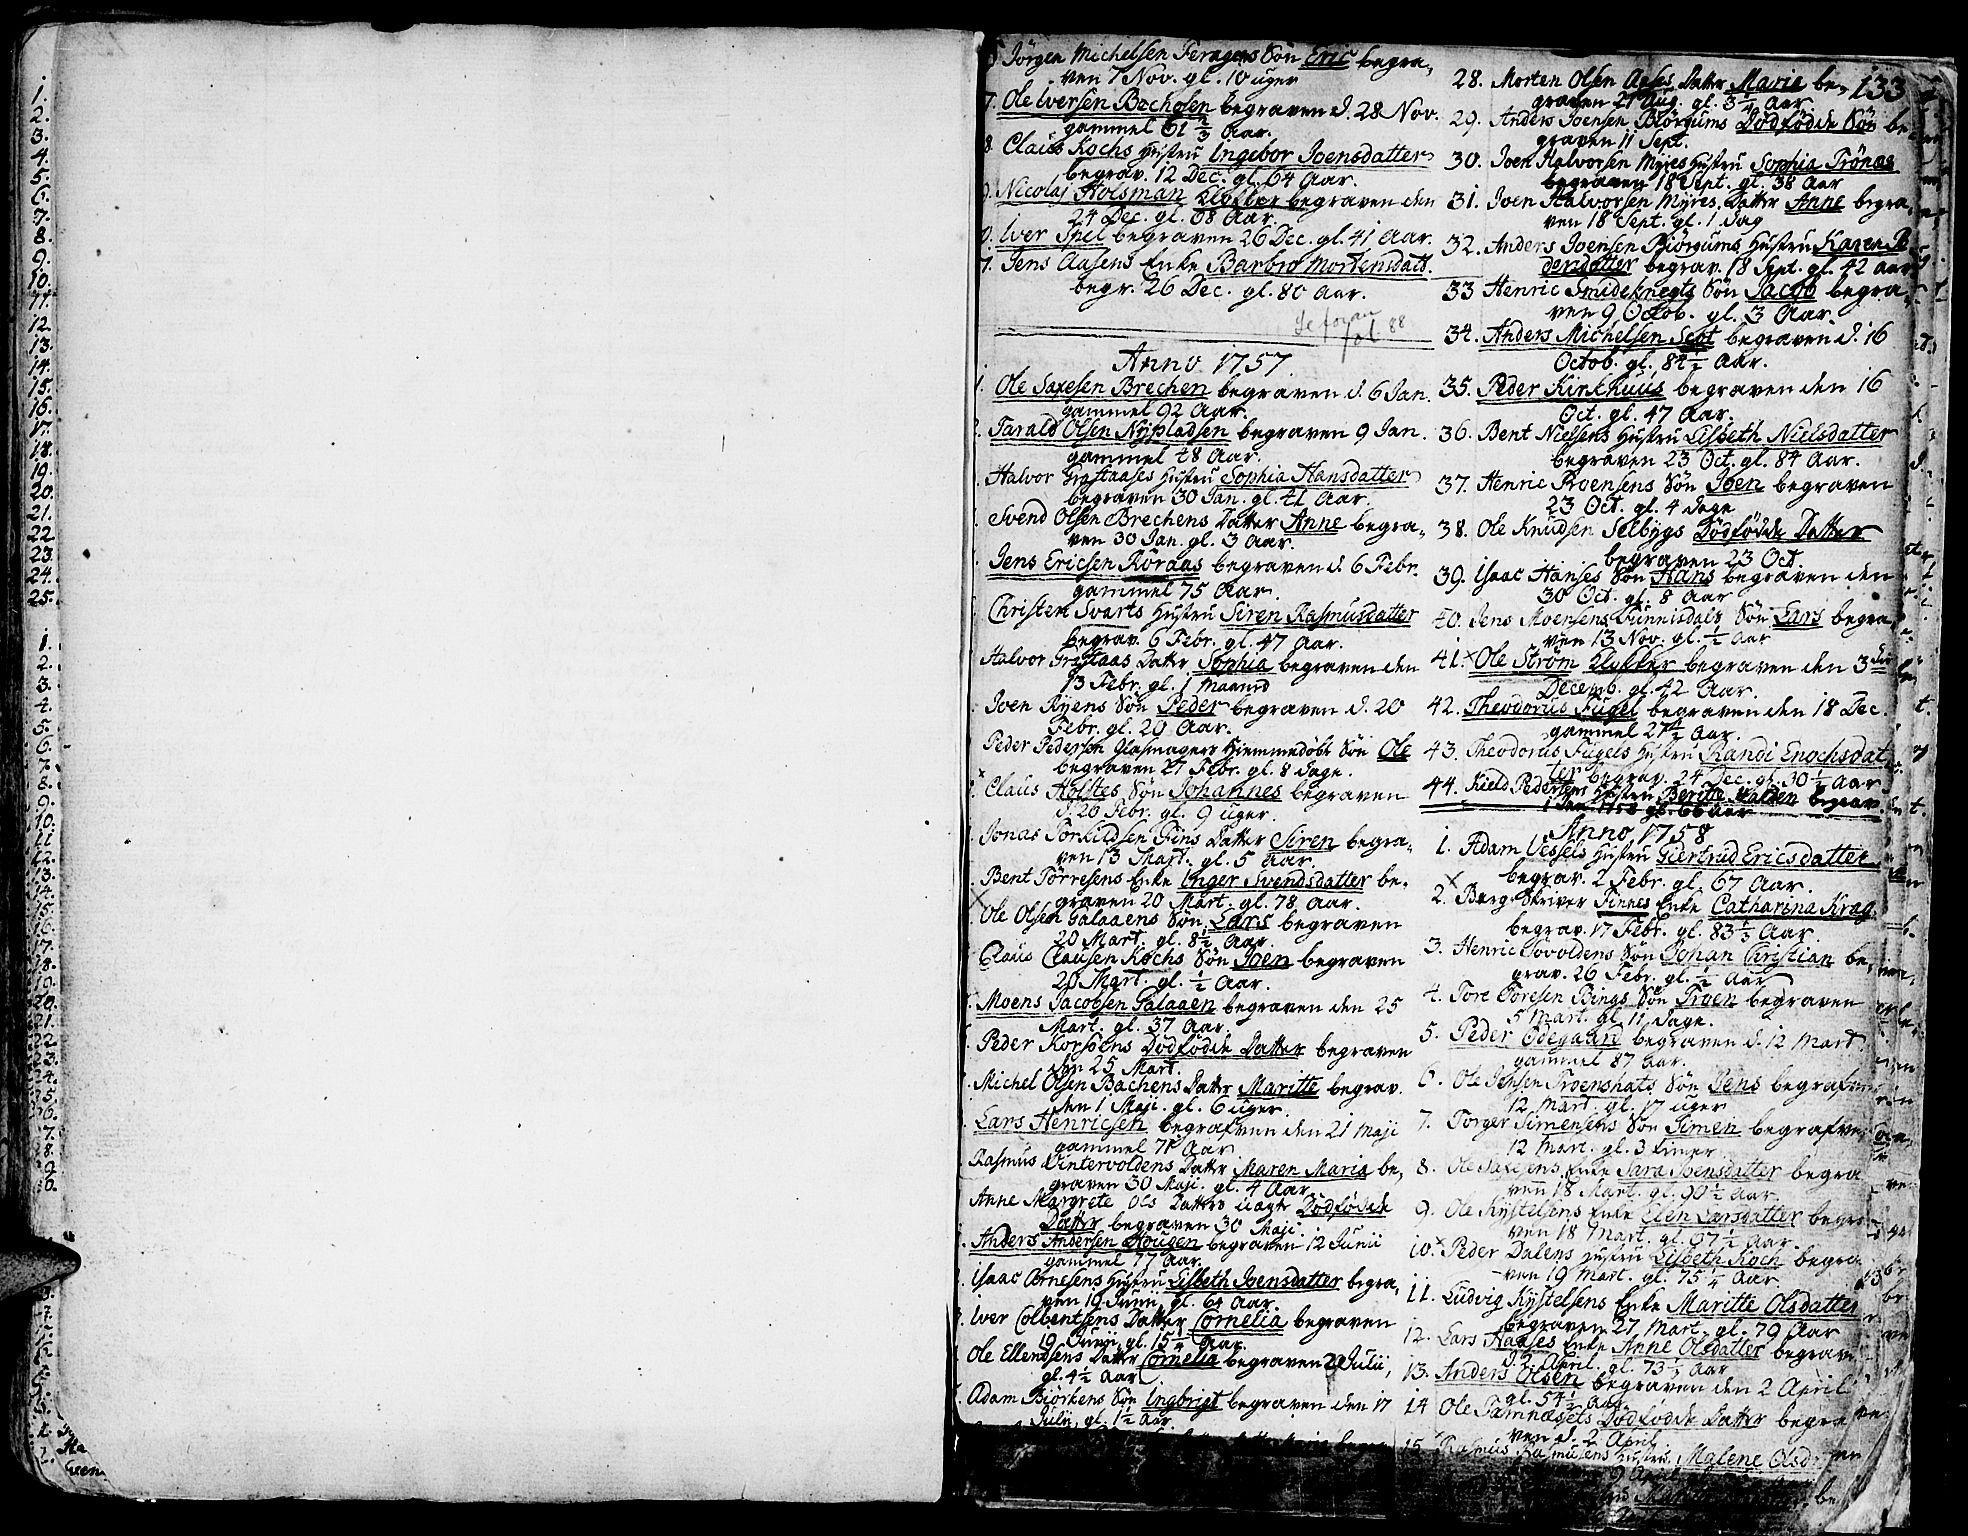 SAT, Ministerialprotokoller, klokkerbøker og fødselsregistre - Sør-Trøndelag, 681/L0925: Ministerialbok nr. 681A03, 1727-1766, s. 133